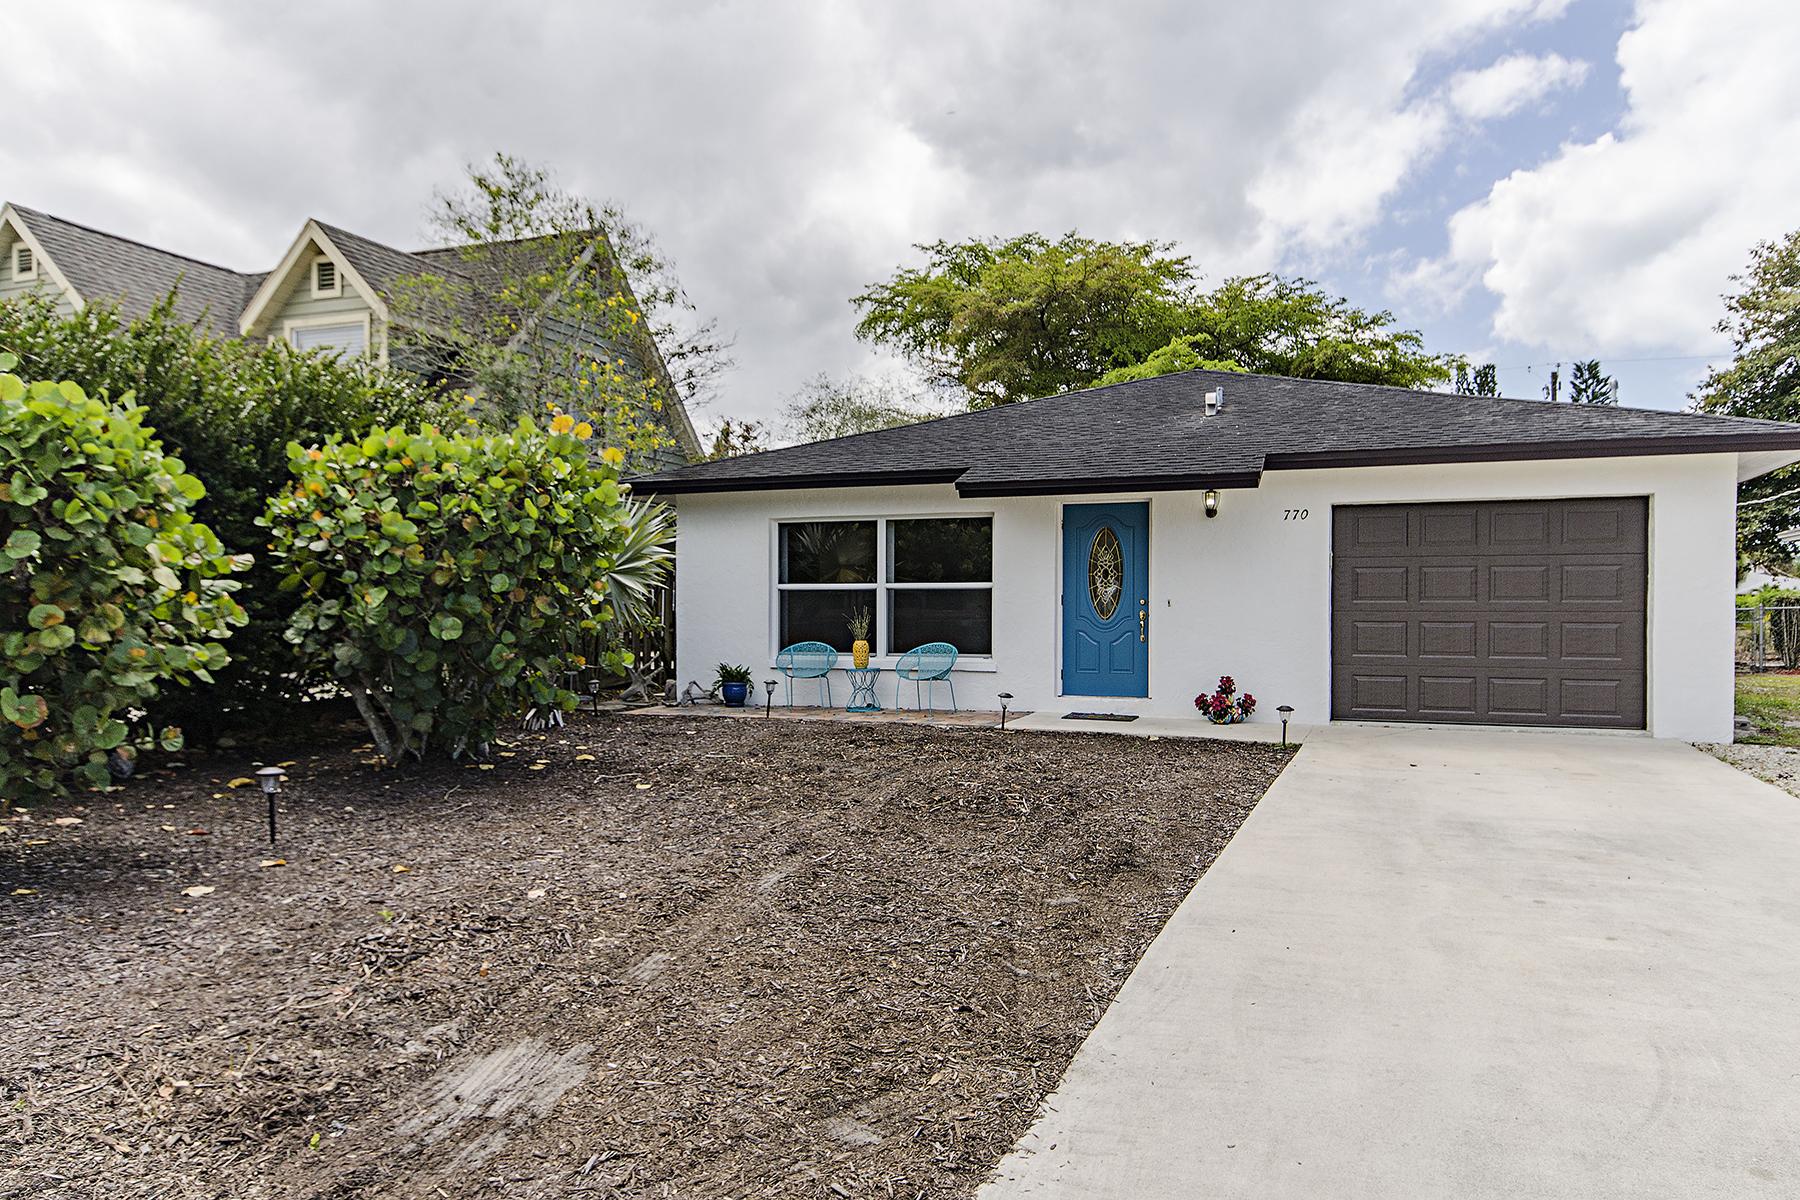 獨棟家庭住宅 為 出售 在 NAPLES PARK 770 109th Ave N Naples, 佛羅里達州, 34108 美國